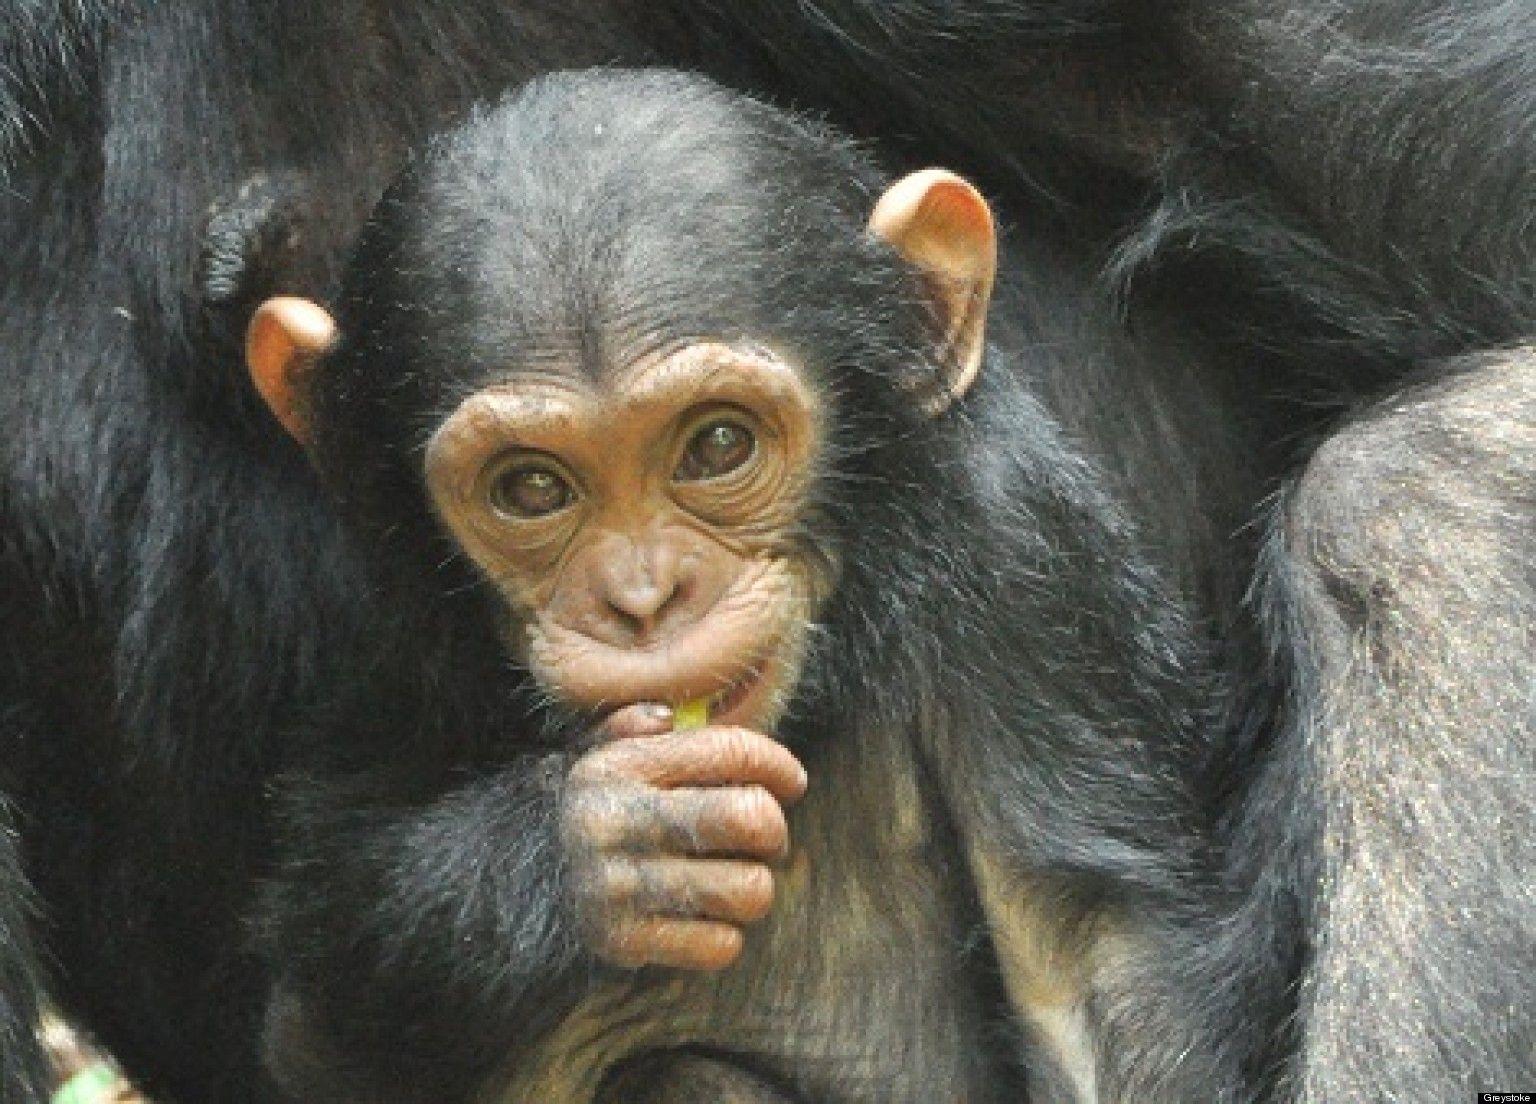 Scary Gorilla   ... Chimpanzee Attack , Scary Gorilla ... - photo#15